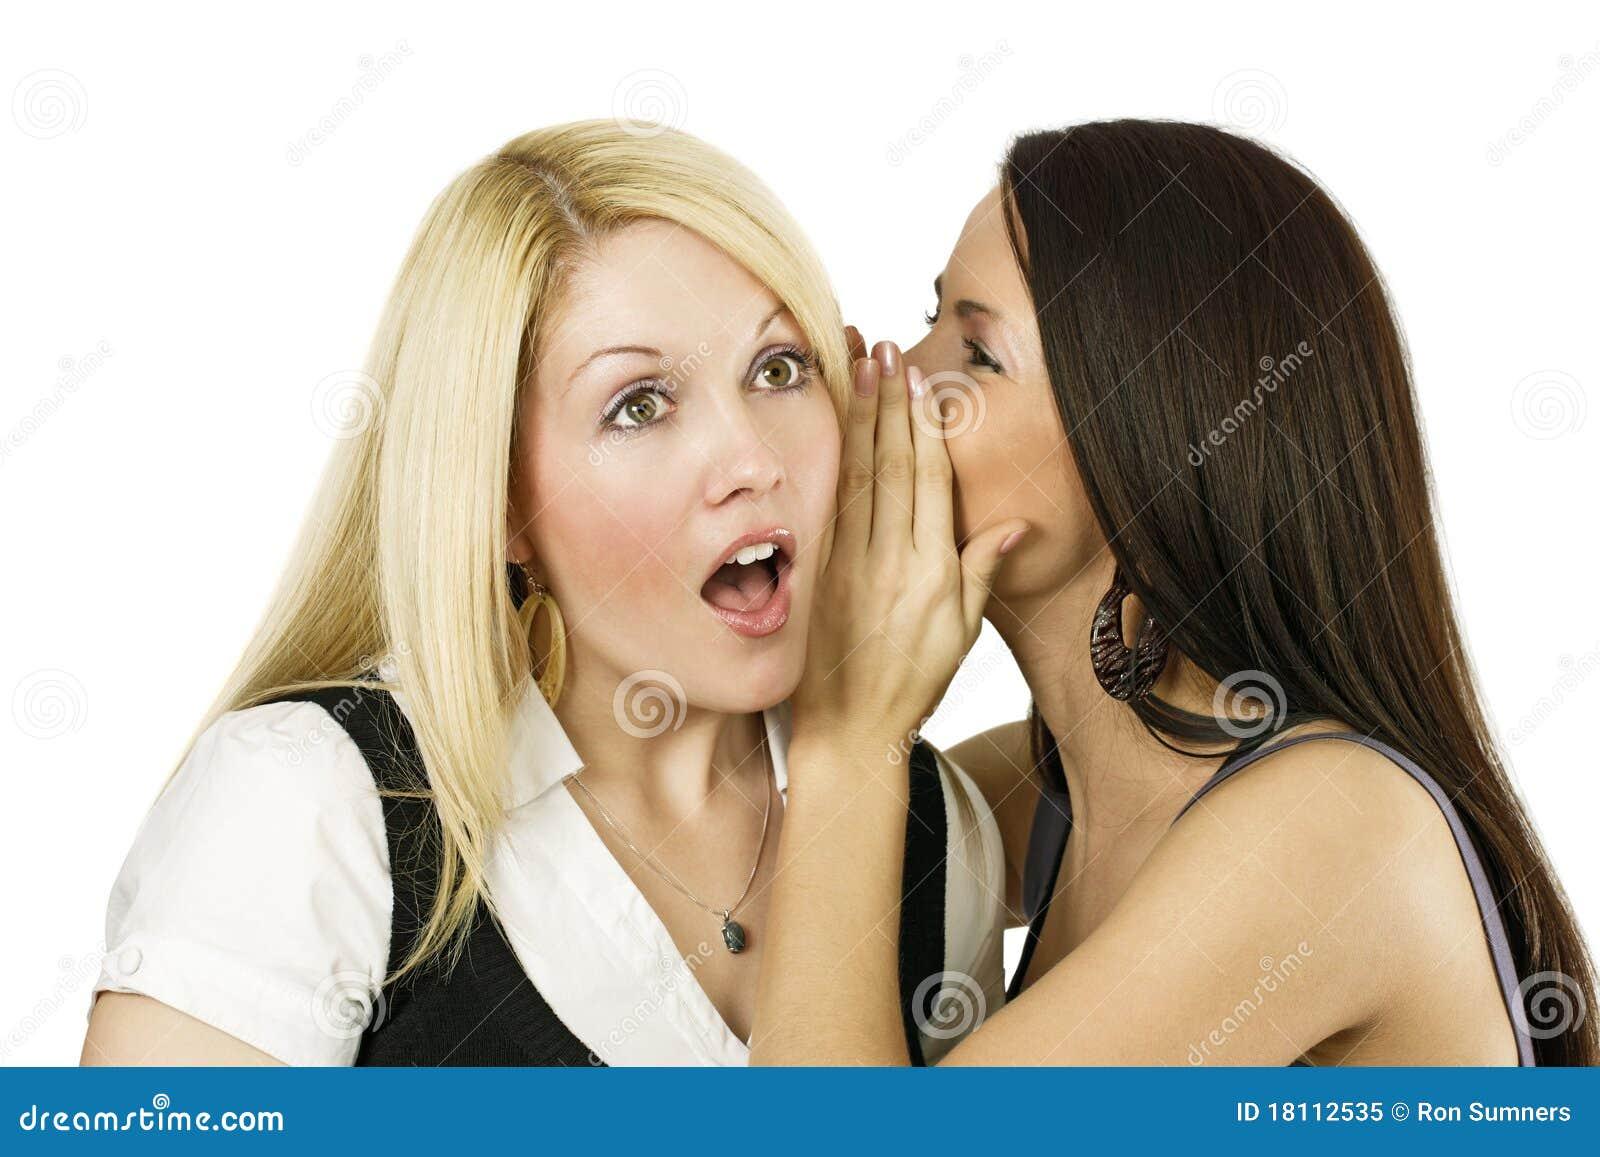 Two women whispering secrets